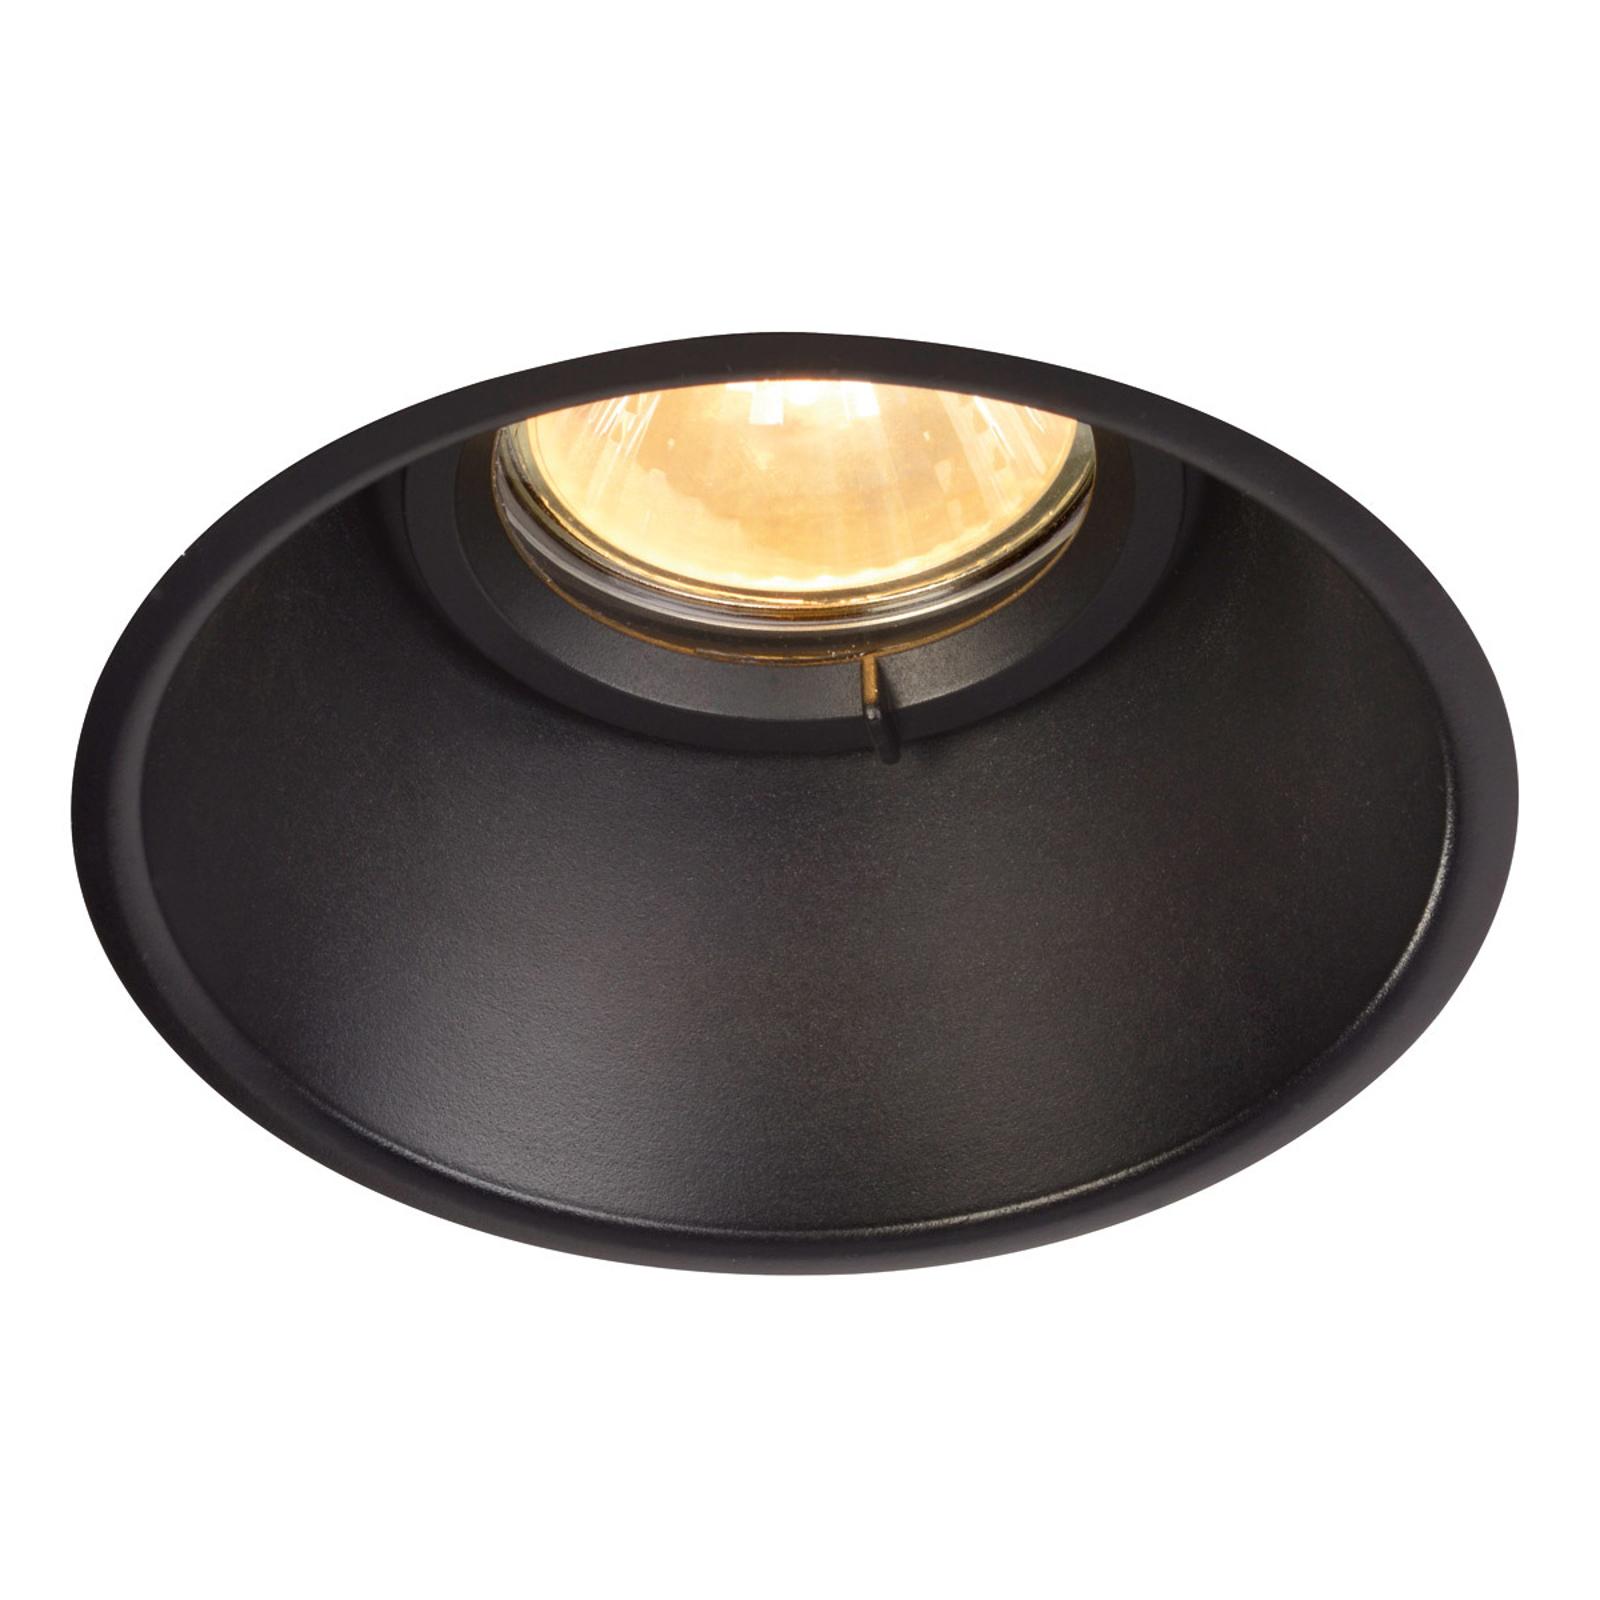 SLV Horn-O Einbauleuchte schwarz